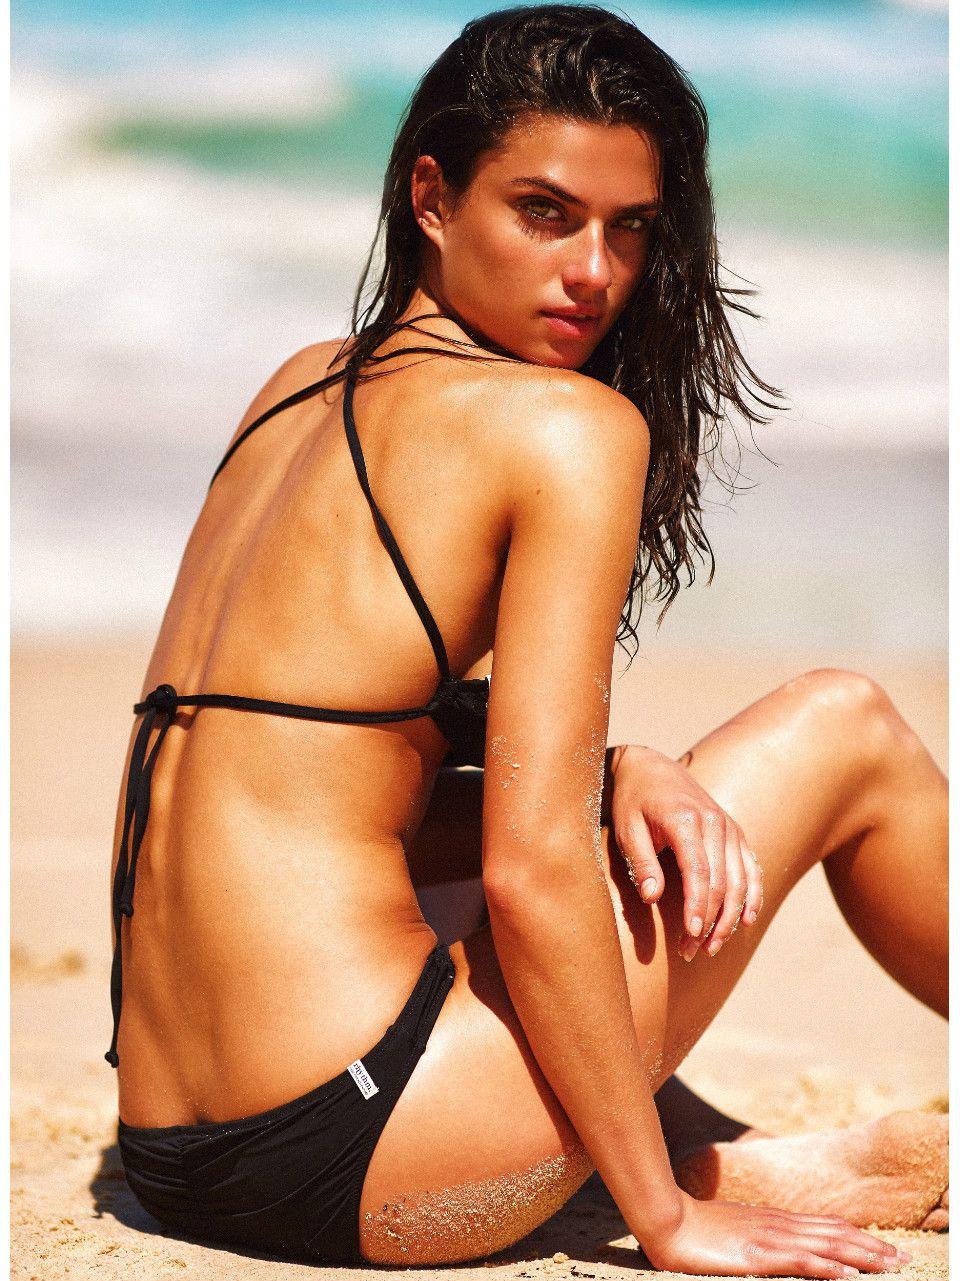 Nikki bella sexy